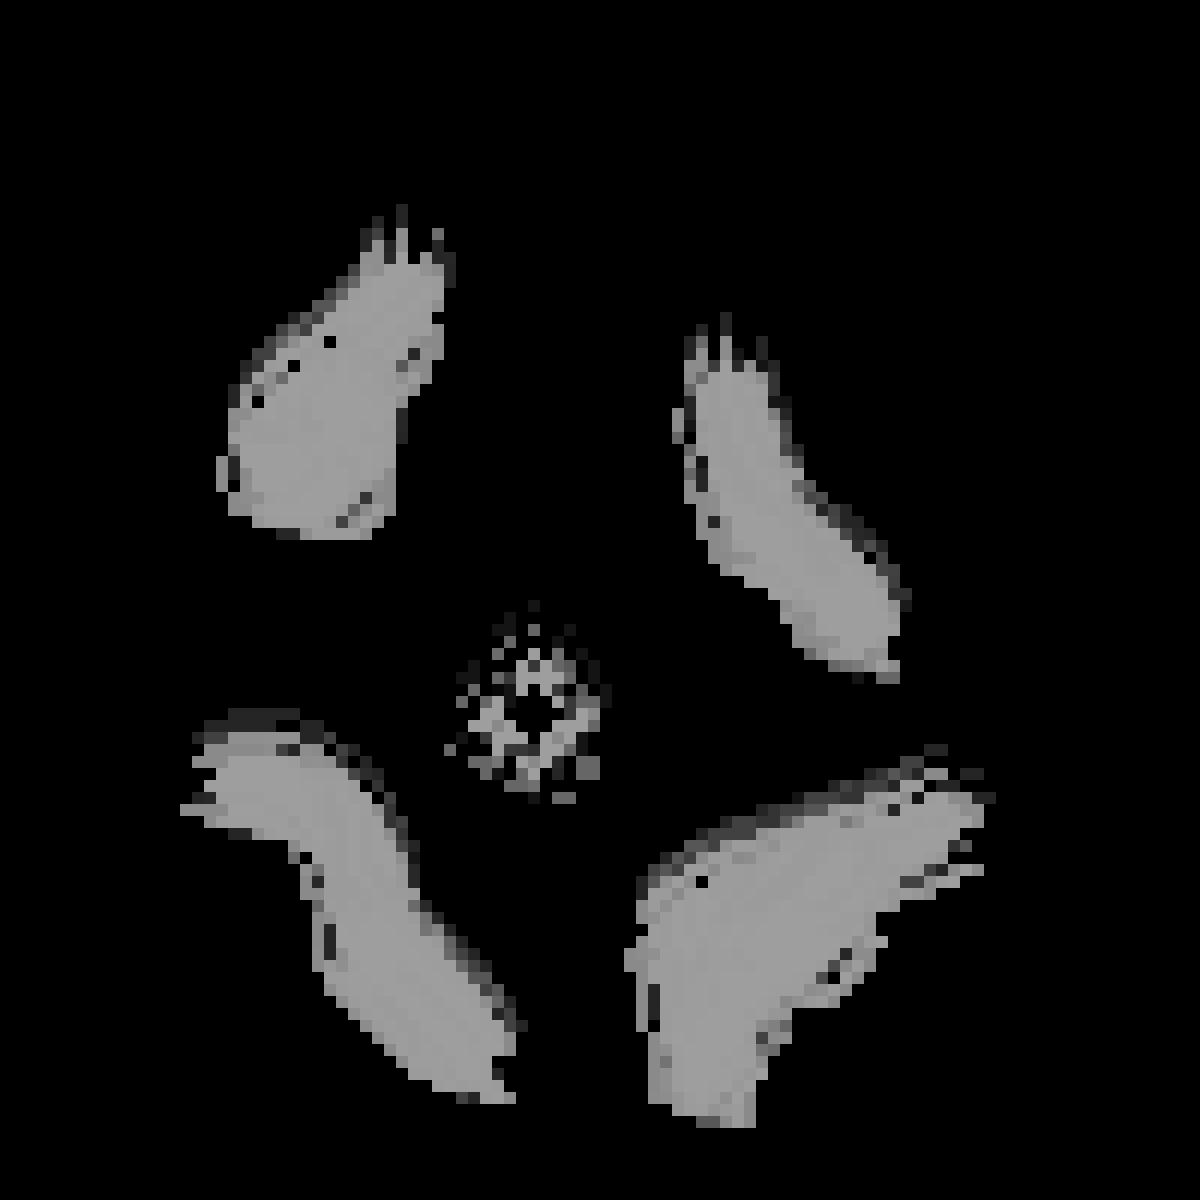 black diamond by MilesMoralesSM